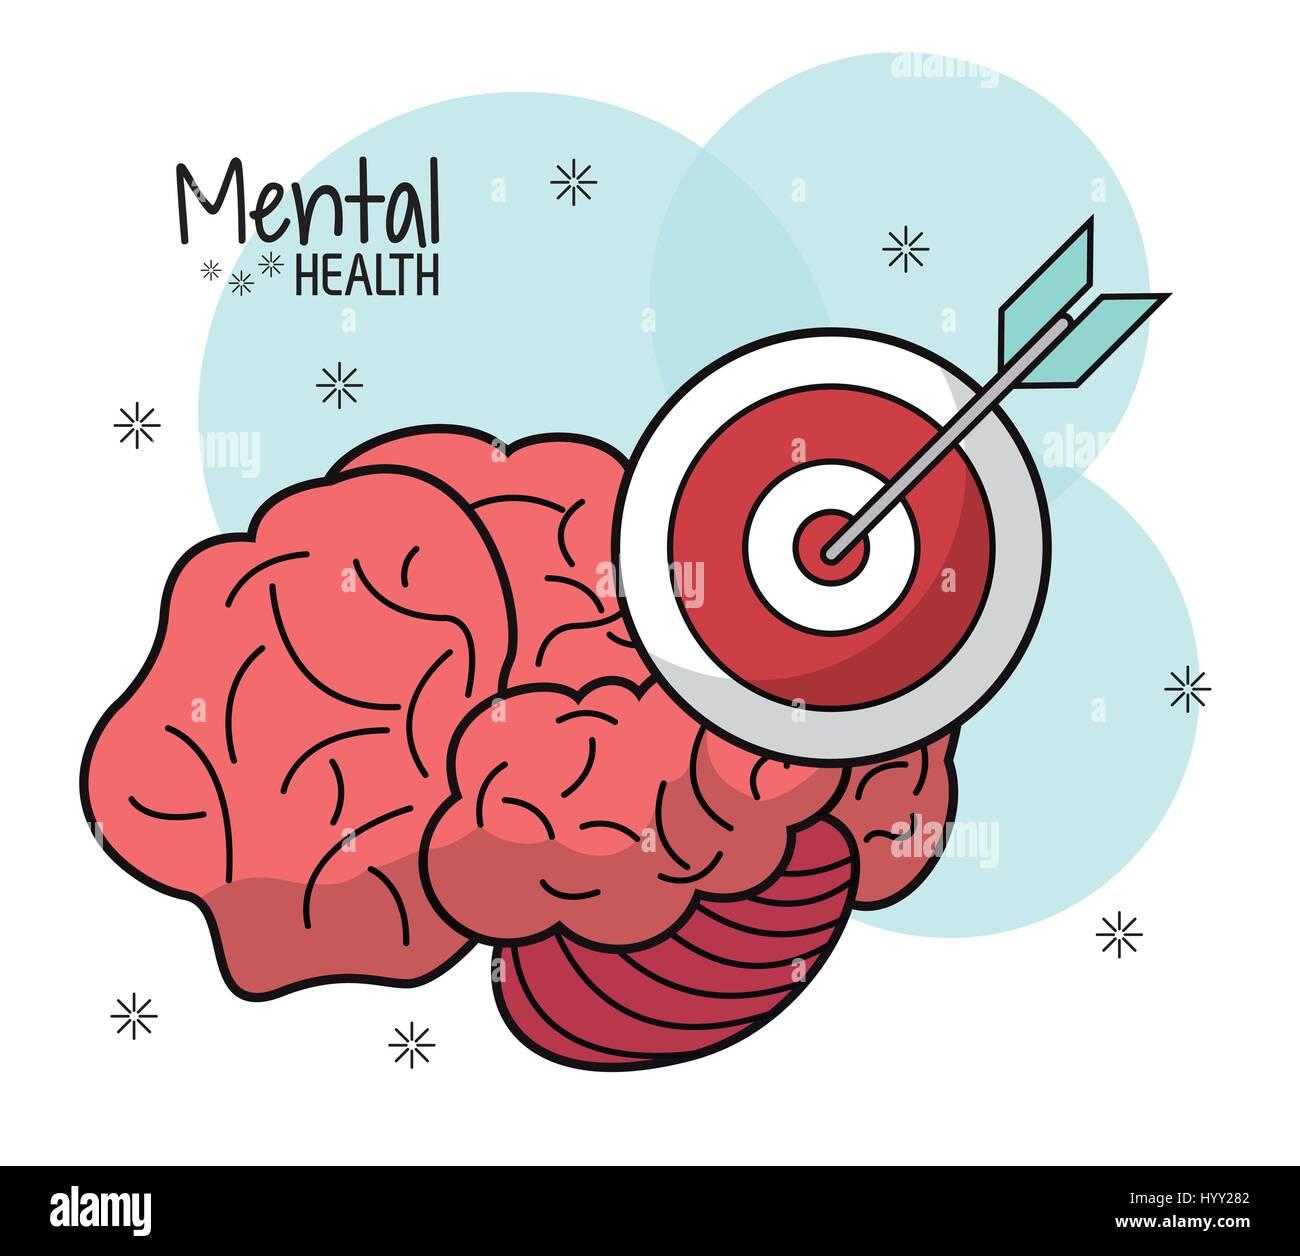 Cervello salute mentale innovazione target Immagini Stock